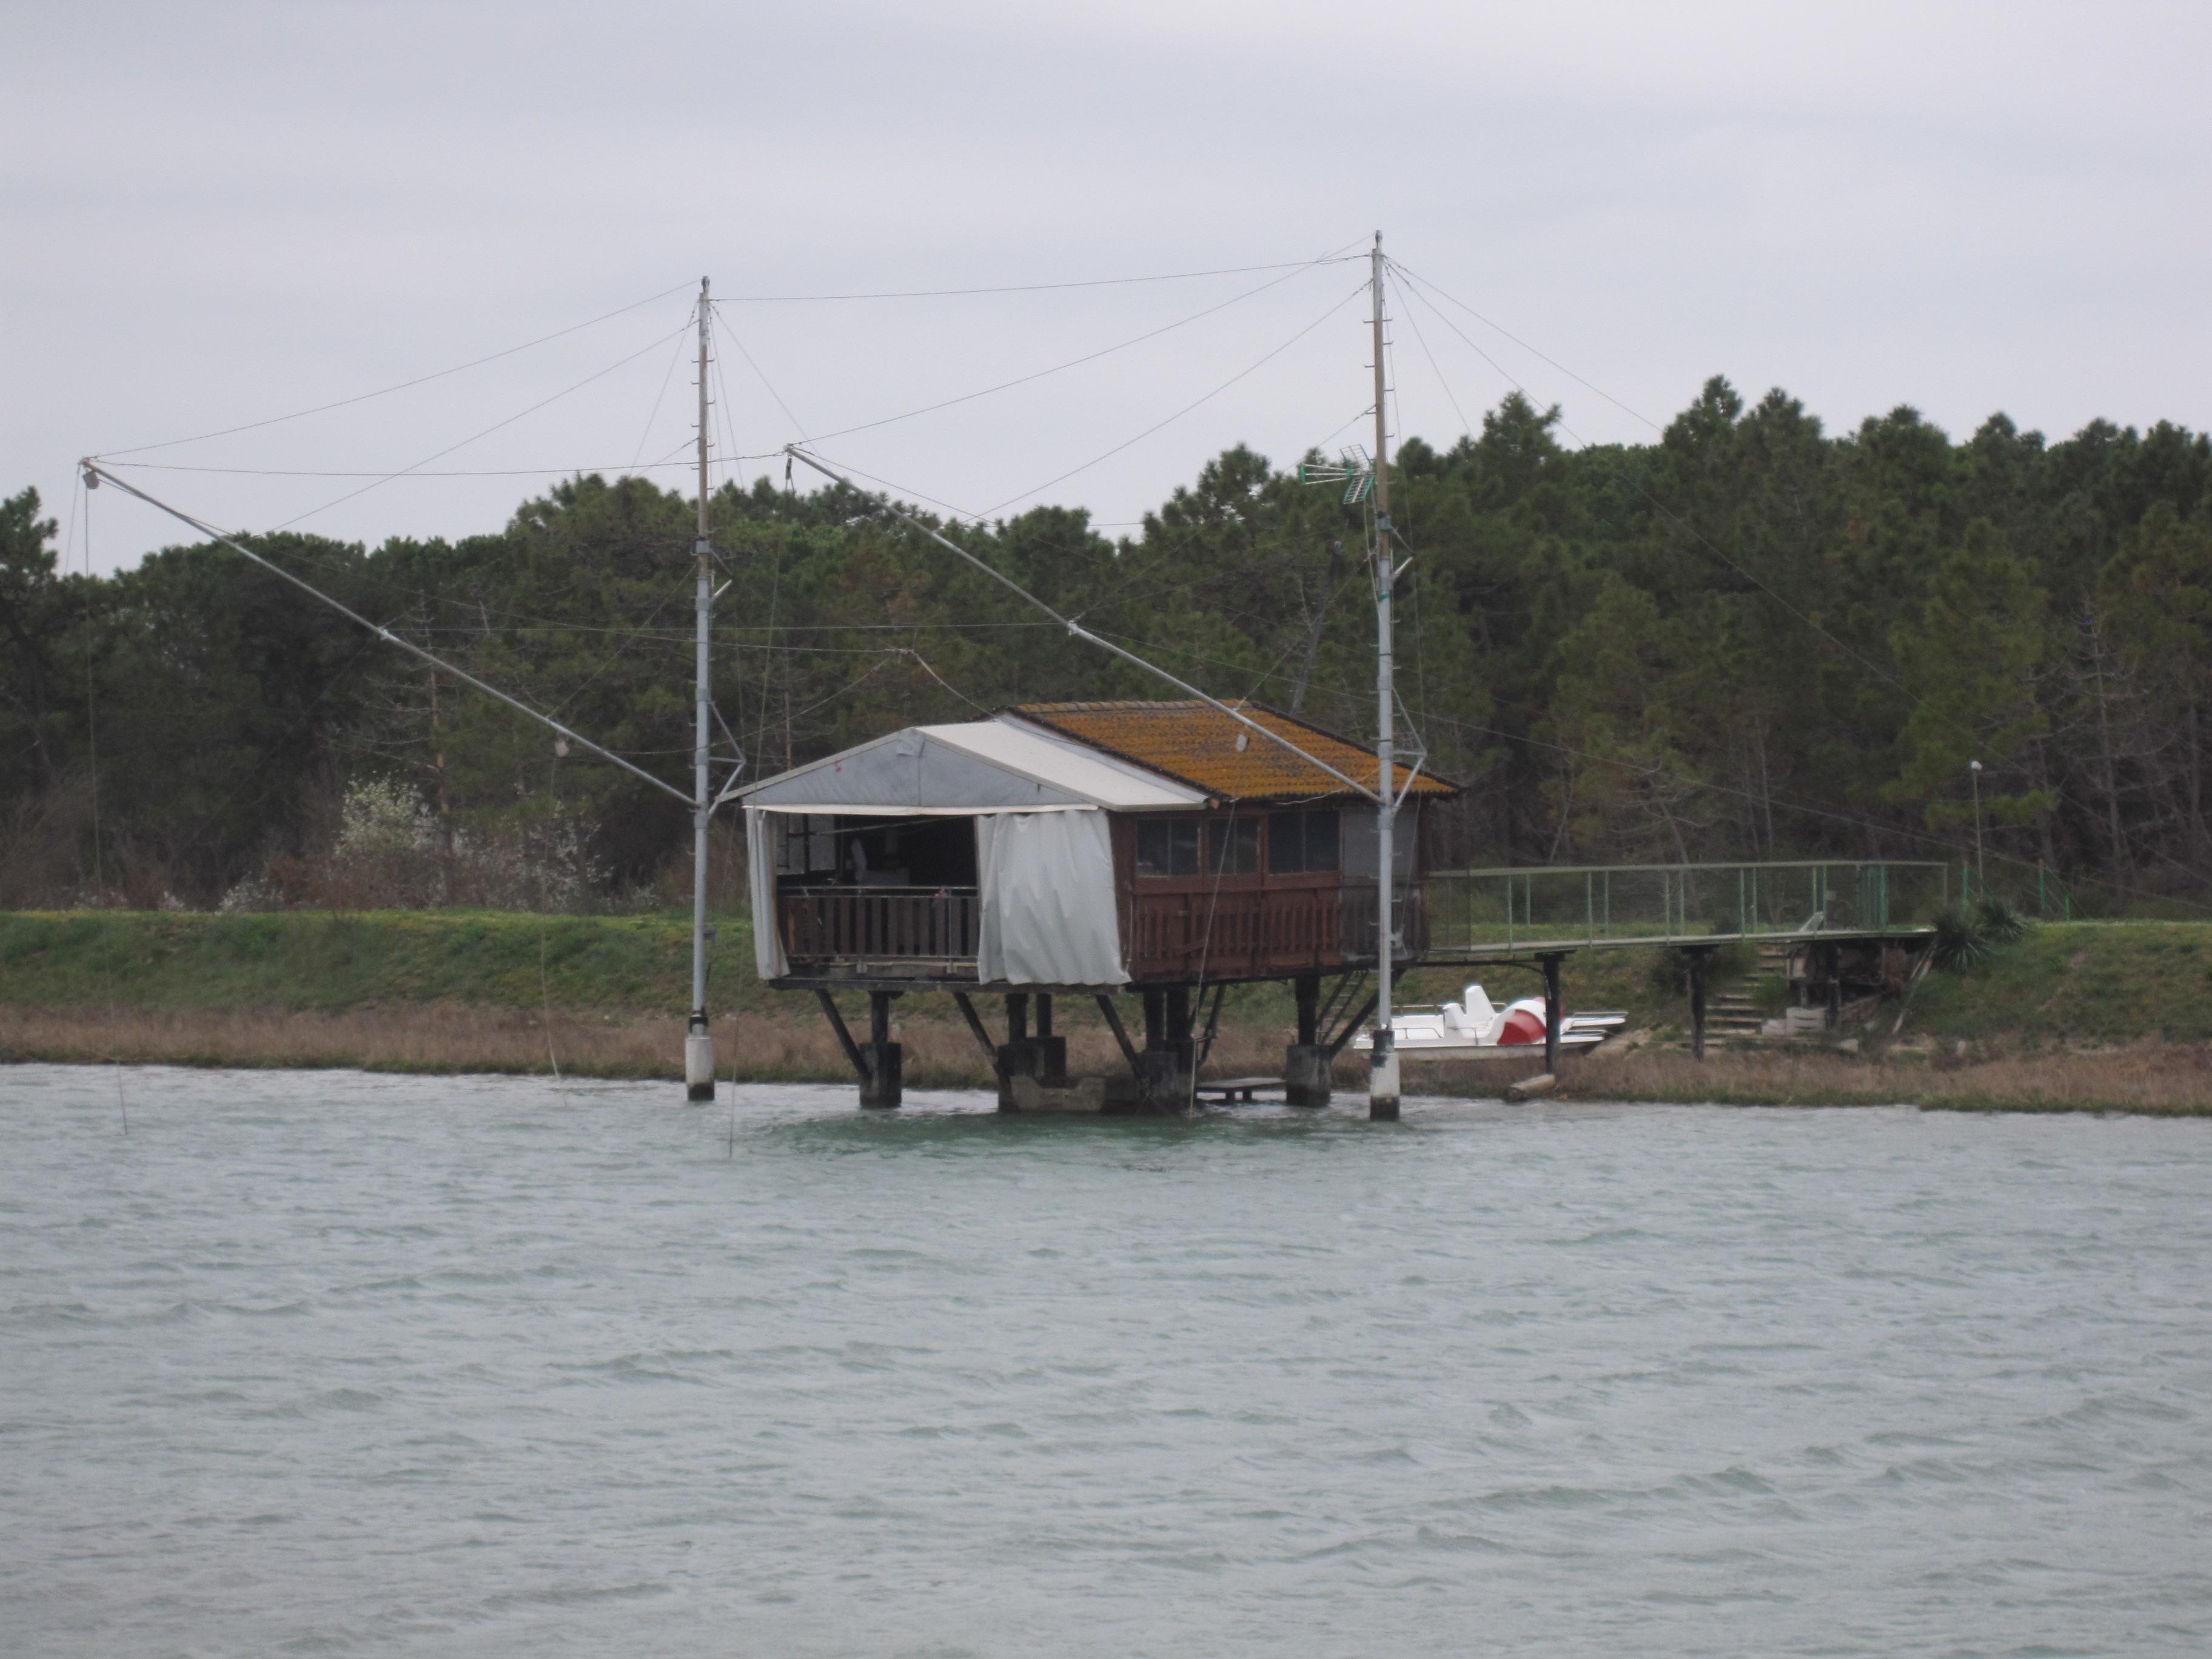 File:Capanno da pesca.JPG - Wikipedia